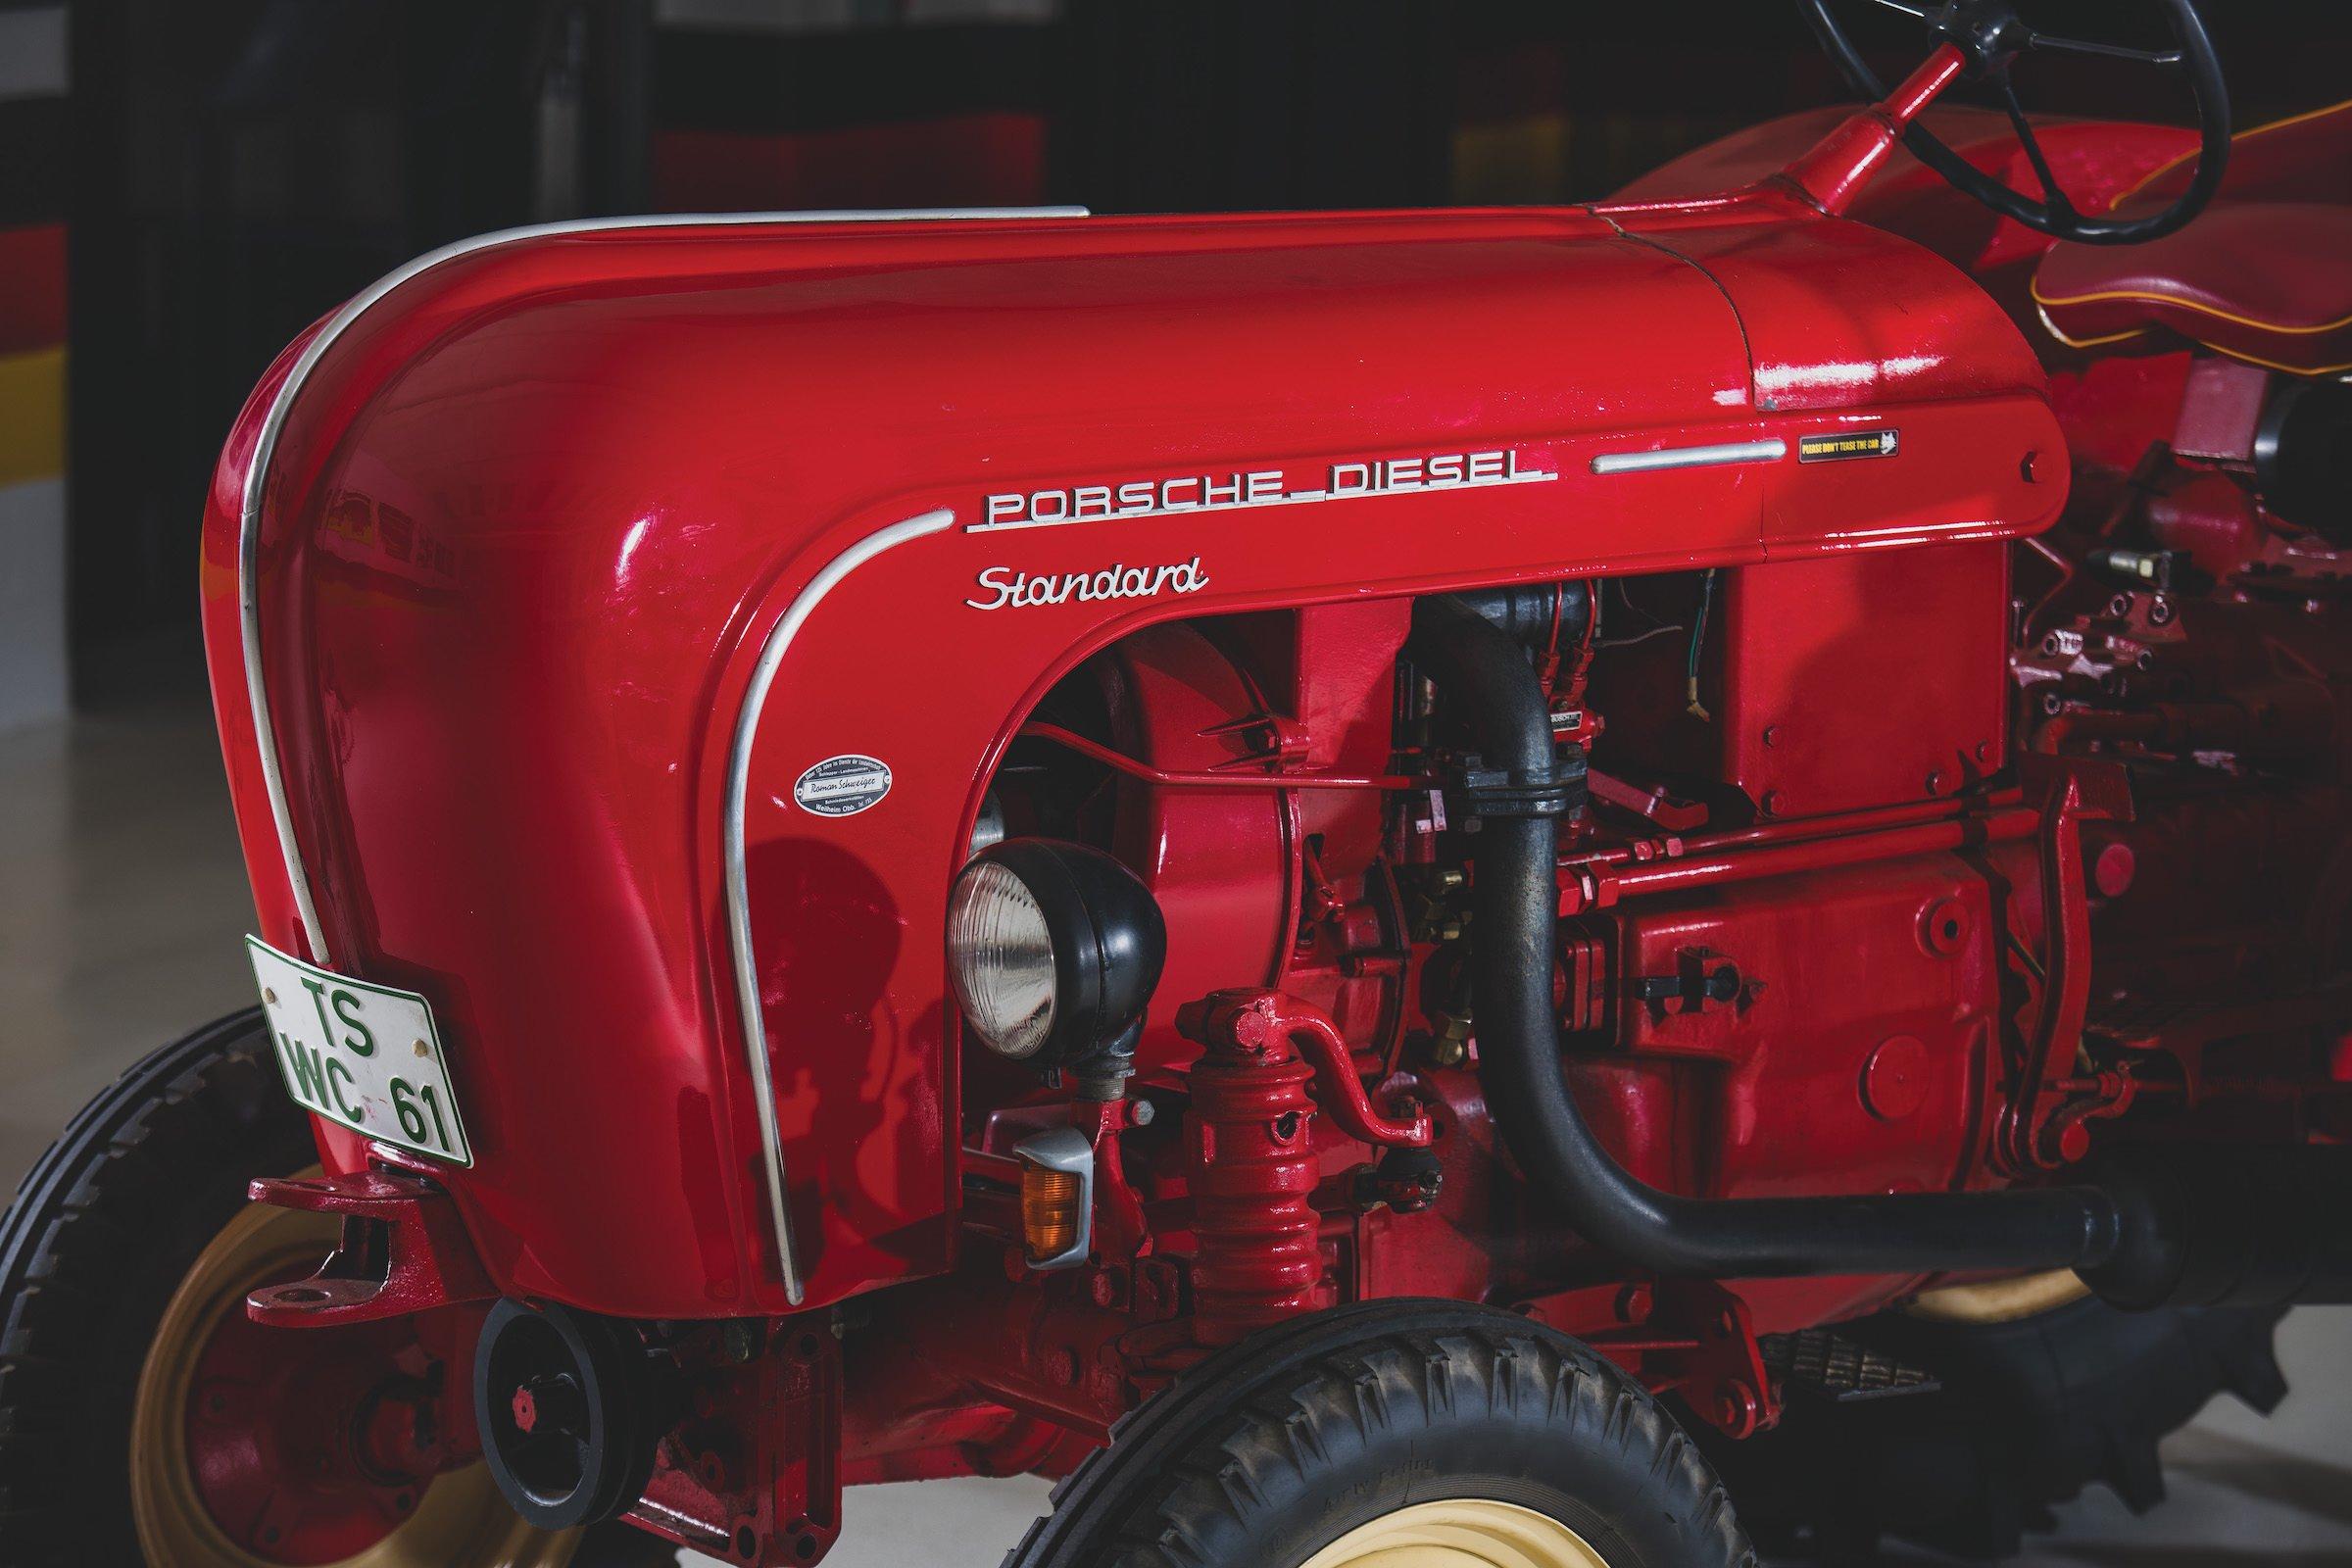 Porsche-Diesel Tractor Engine